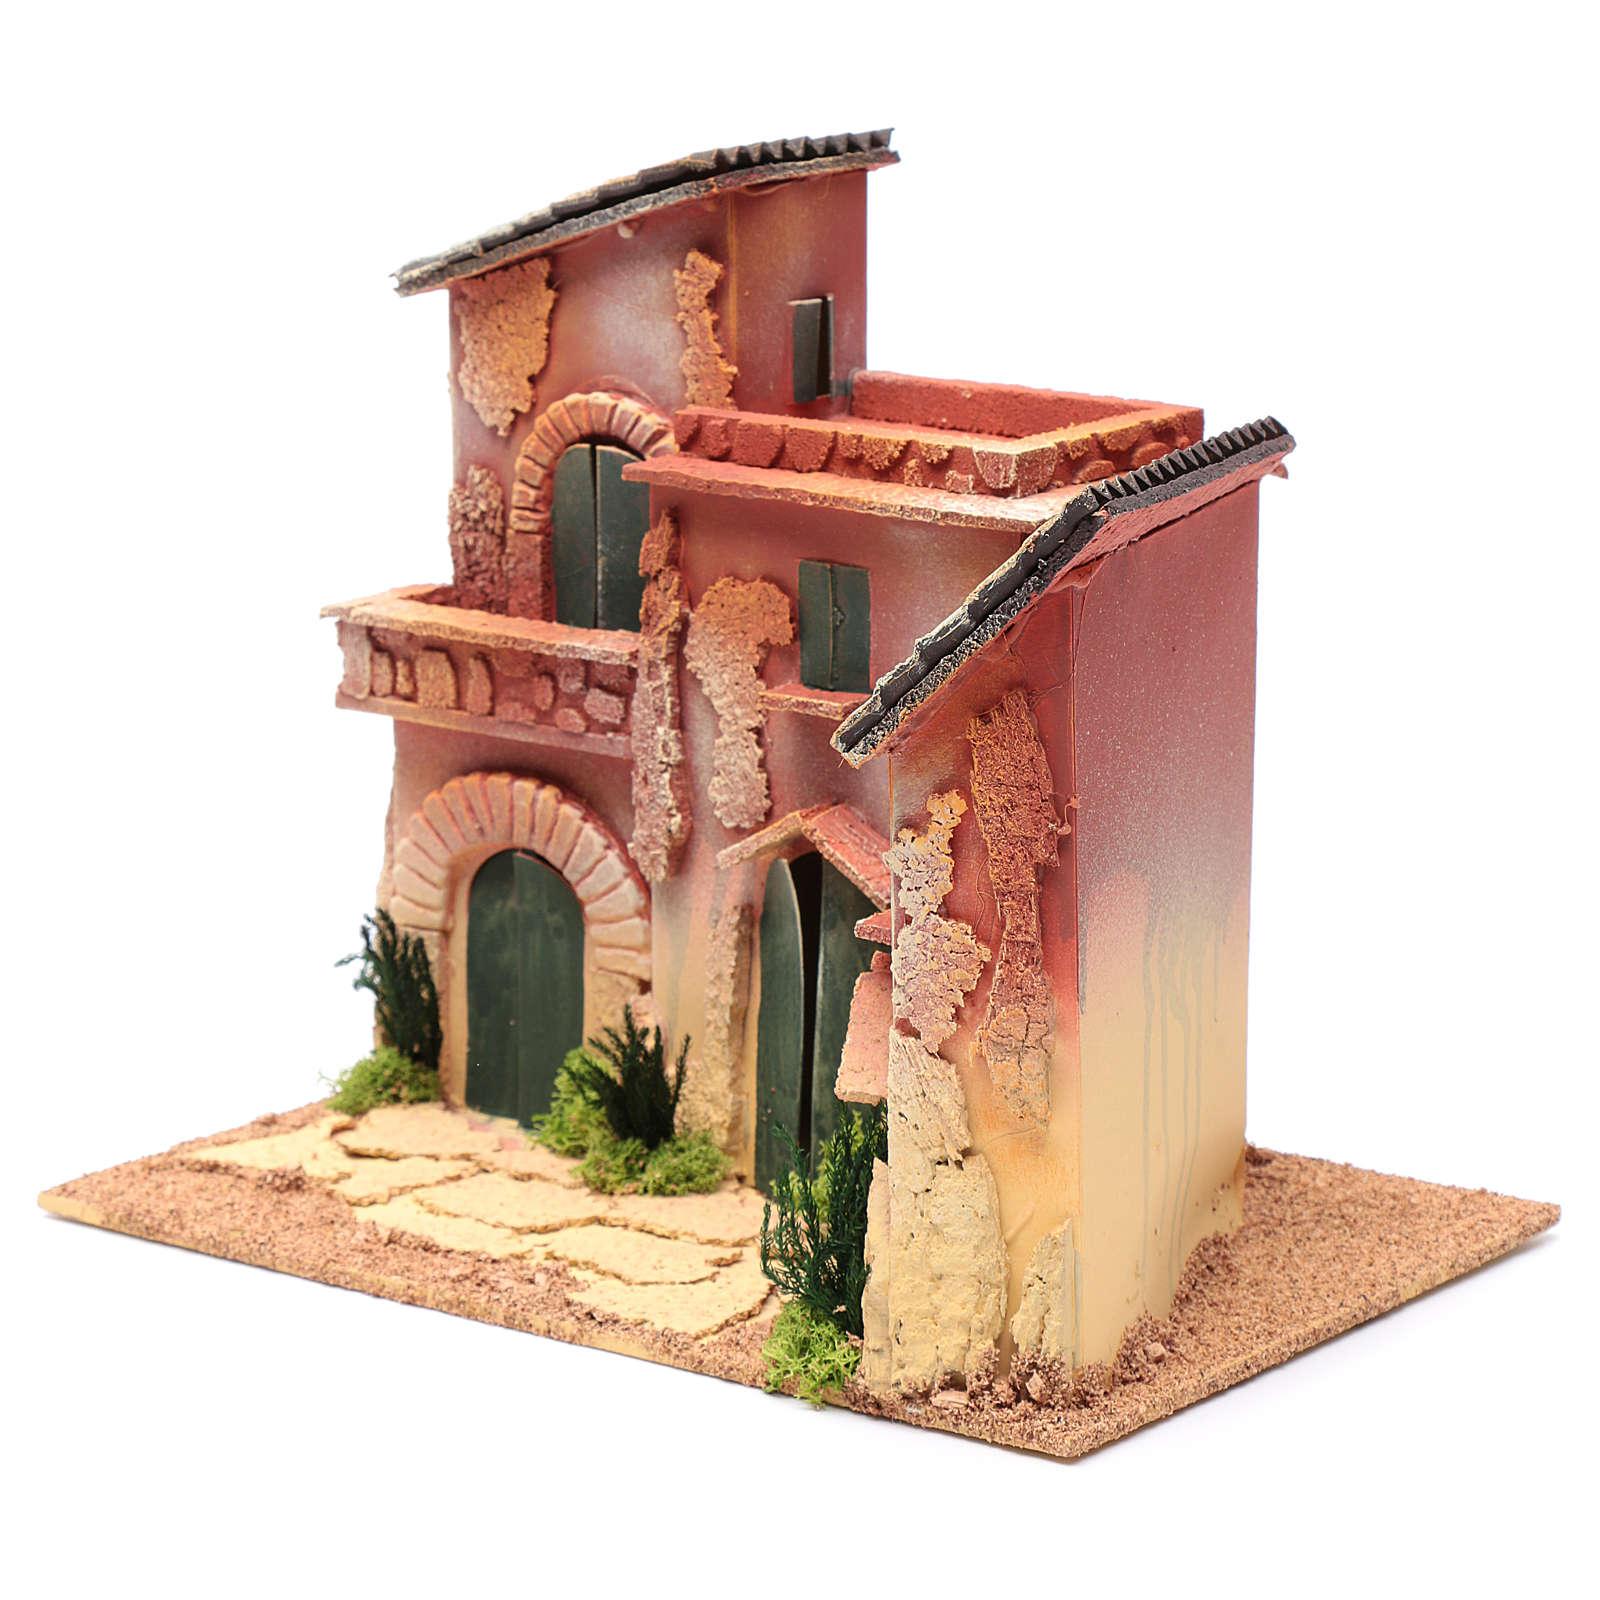 Aldea casas 25x30x20 cm para belén 4